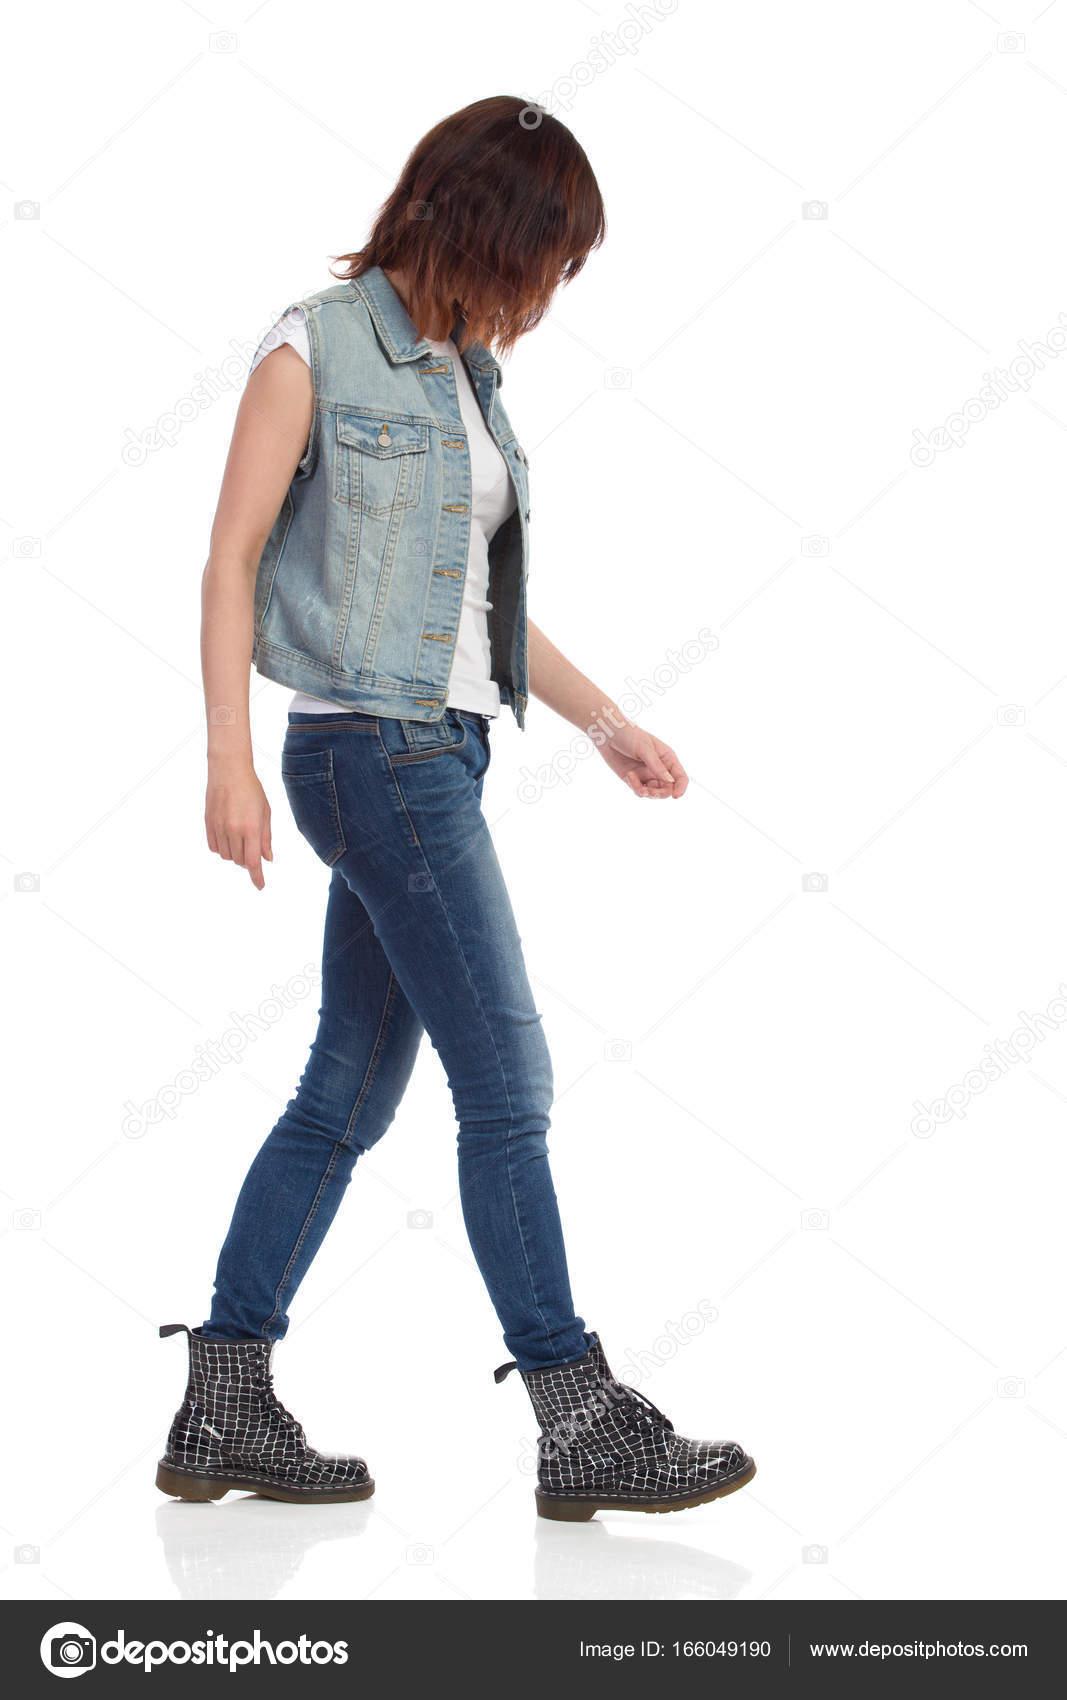 Kostuumvest Op Jeans.Wandelen Van De Vrouw In Jeans Vest En Zwarte Laarzen